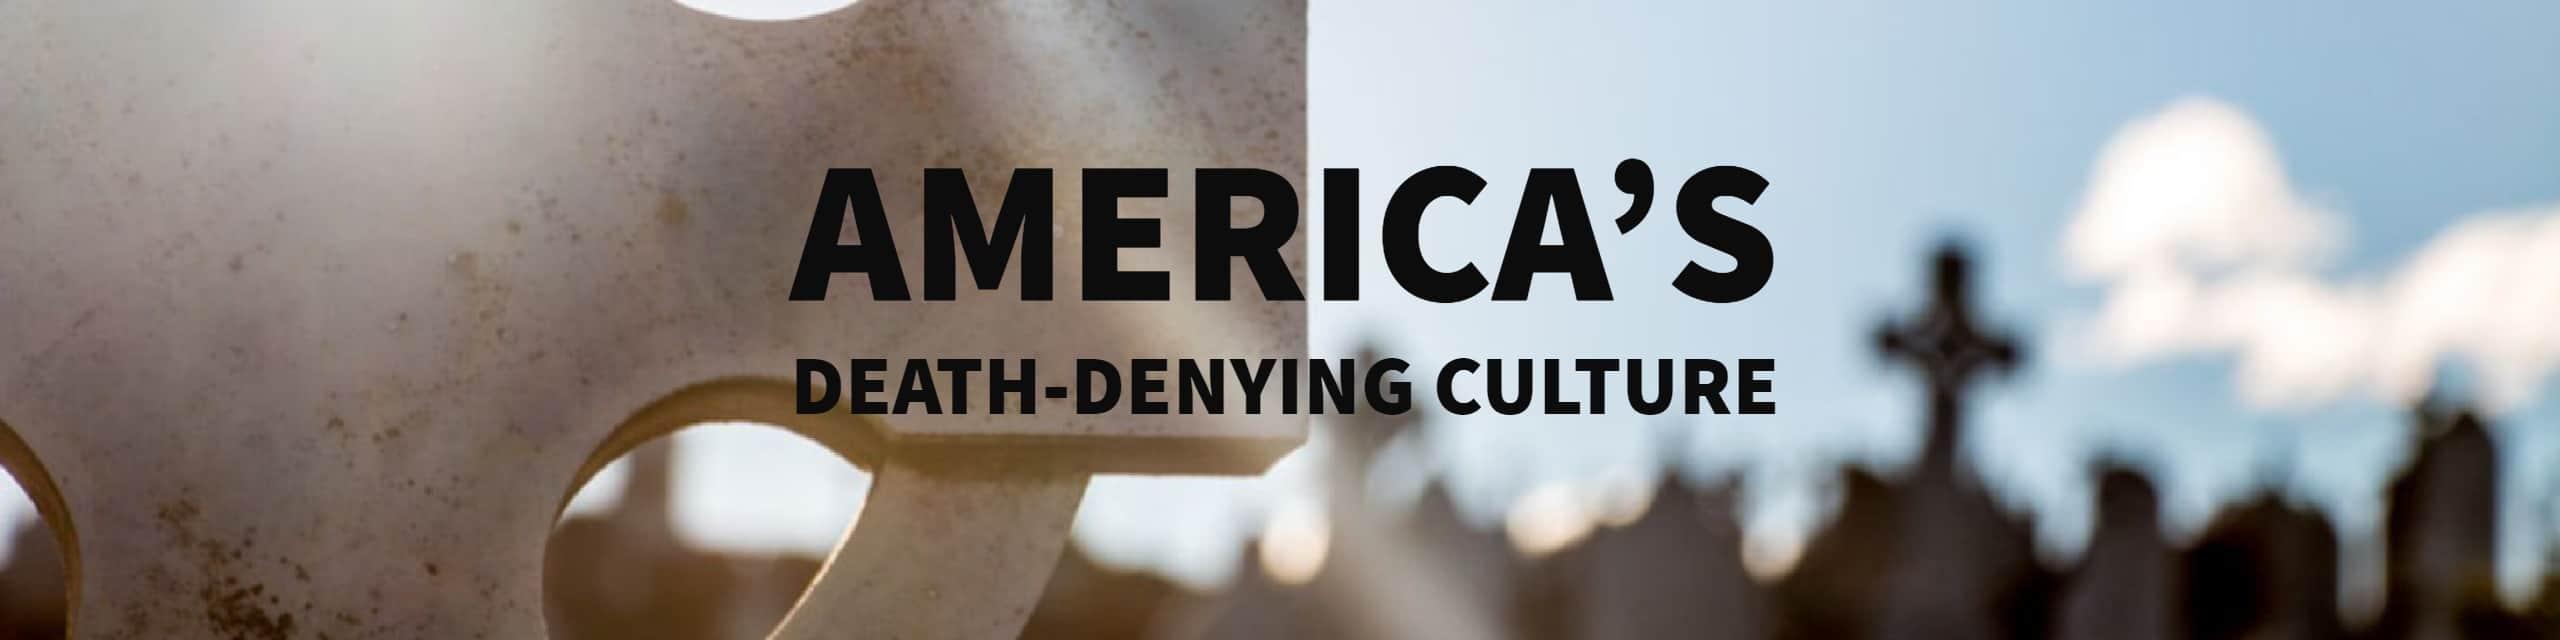 death-denying culture